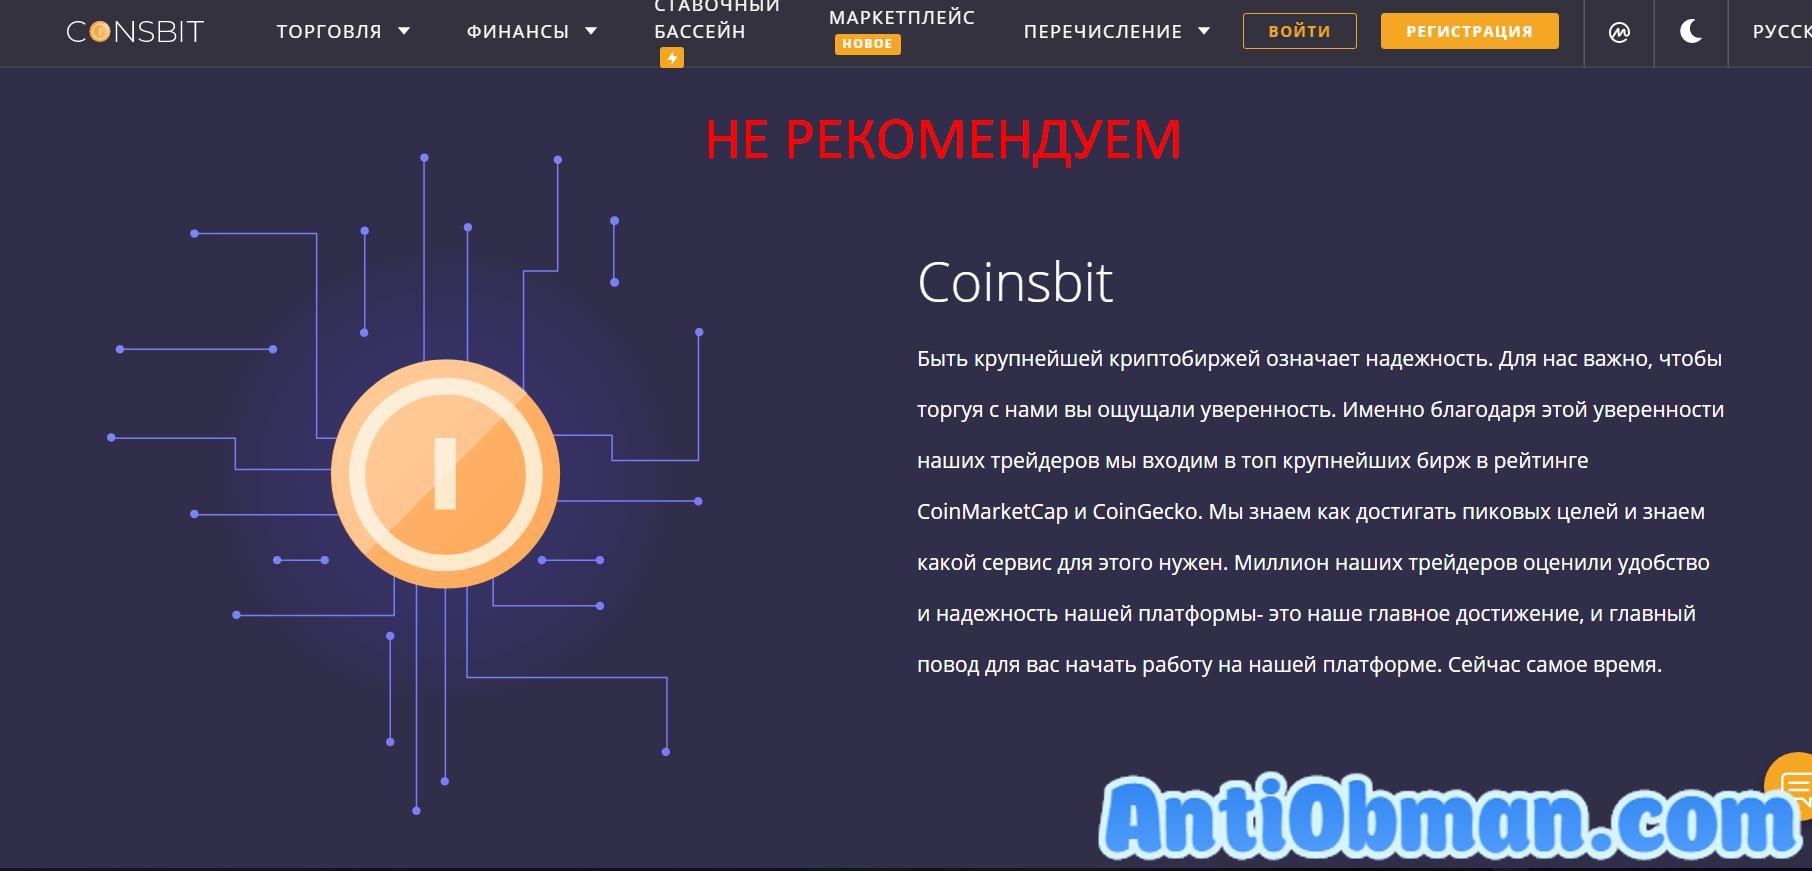 Биржа Coinsbit (coinsbit.io) - отзывы. Честная криптобиржа?